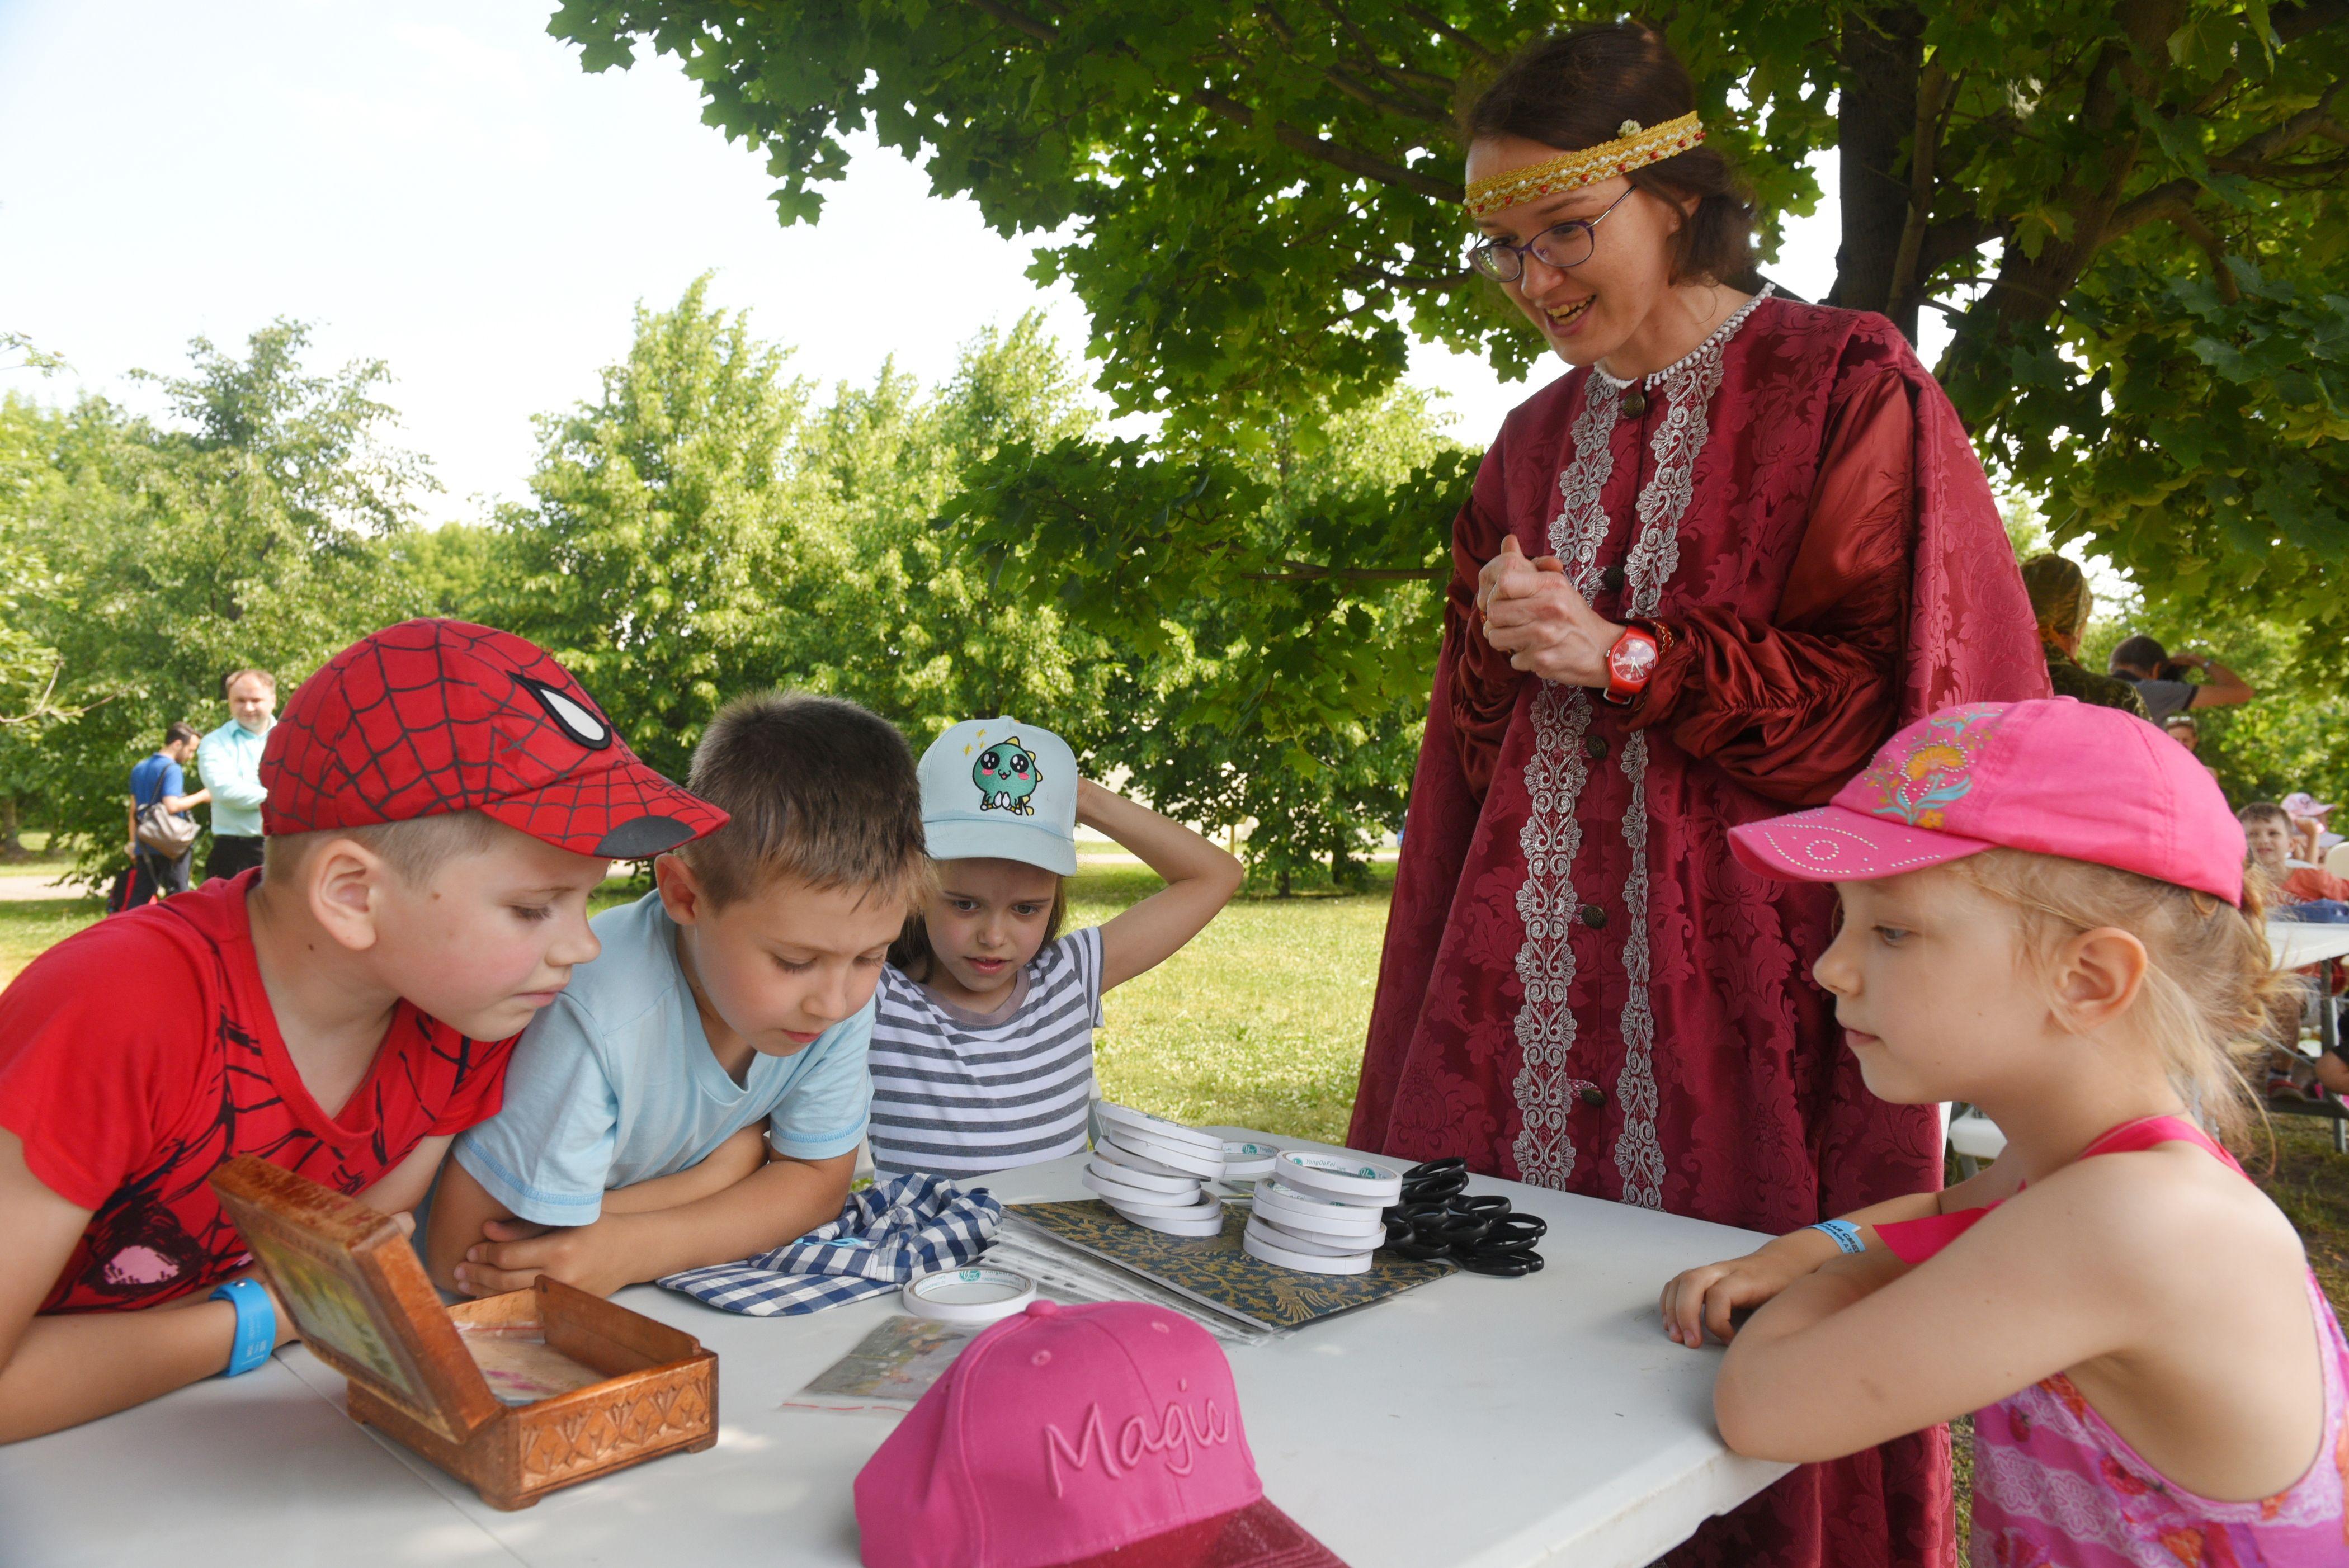 Парки Москвы подготовили бесплатные уроки предпринимательства для детей